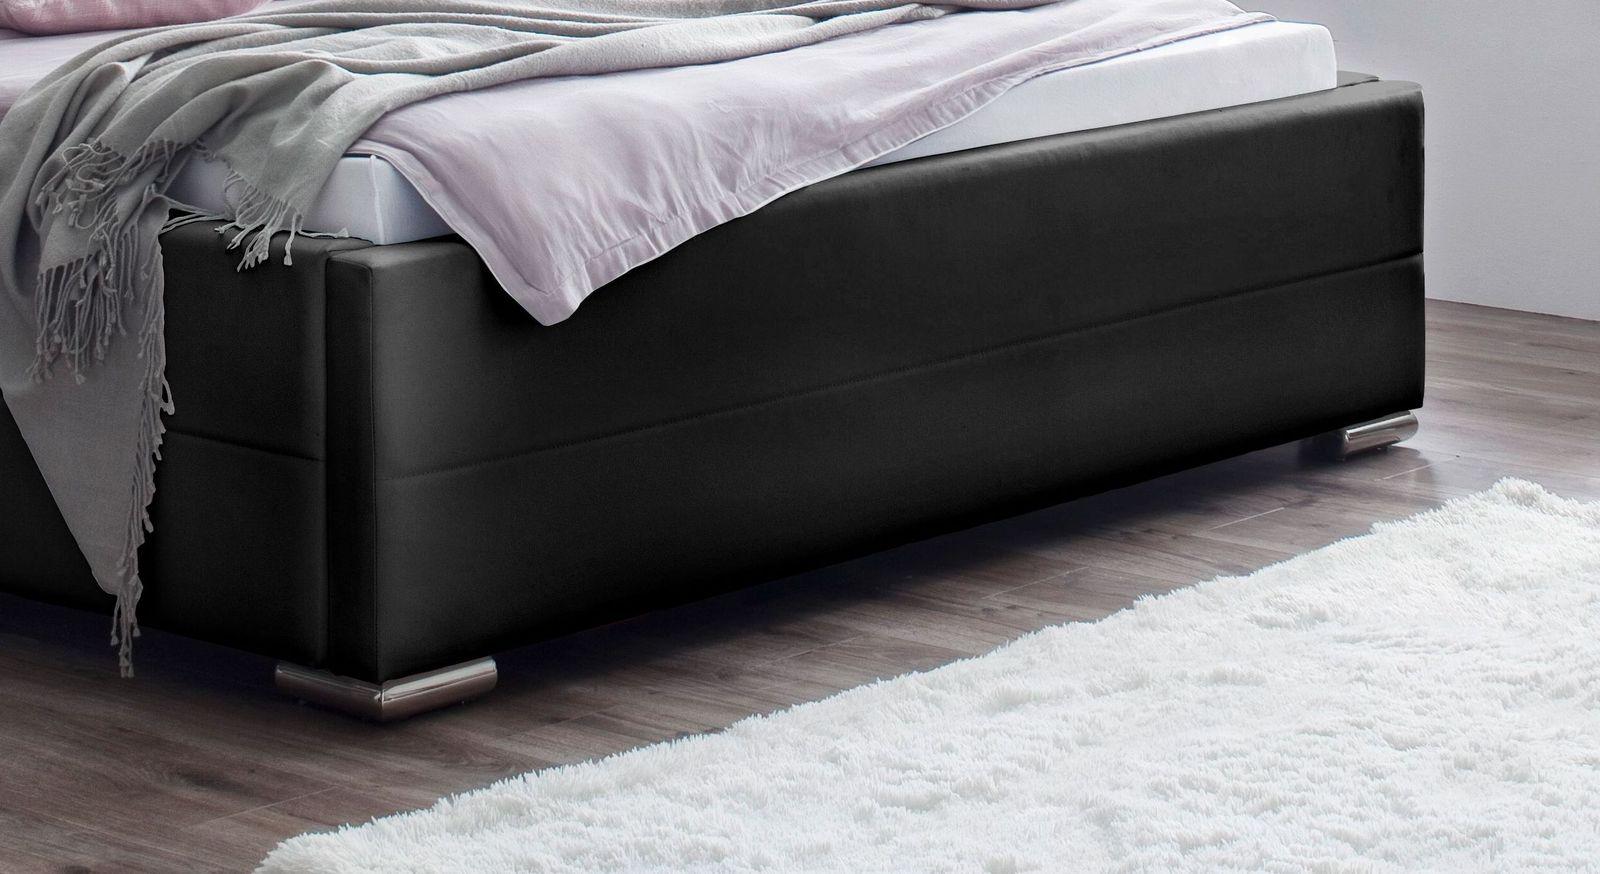 Bett Boretto mit verchromten Metall-Winkelfüßen